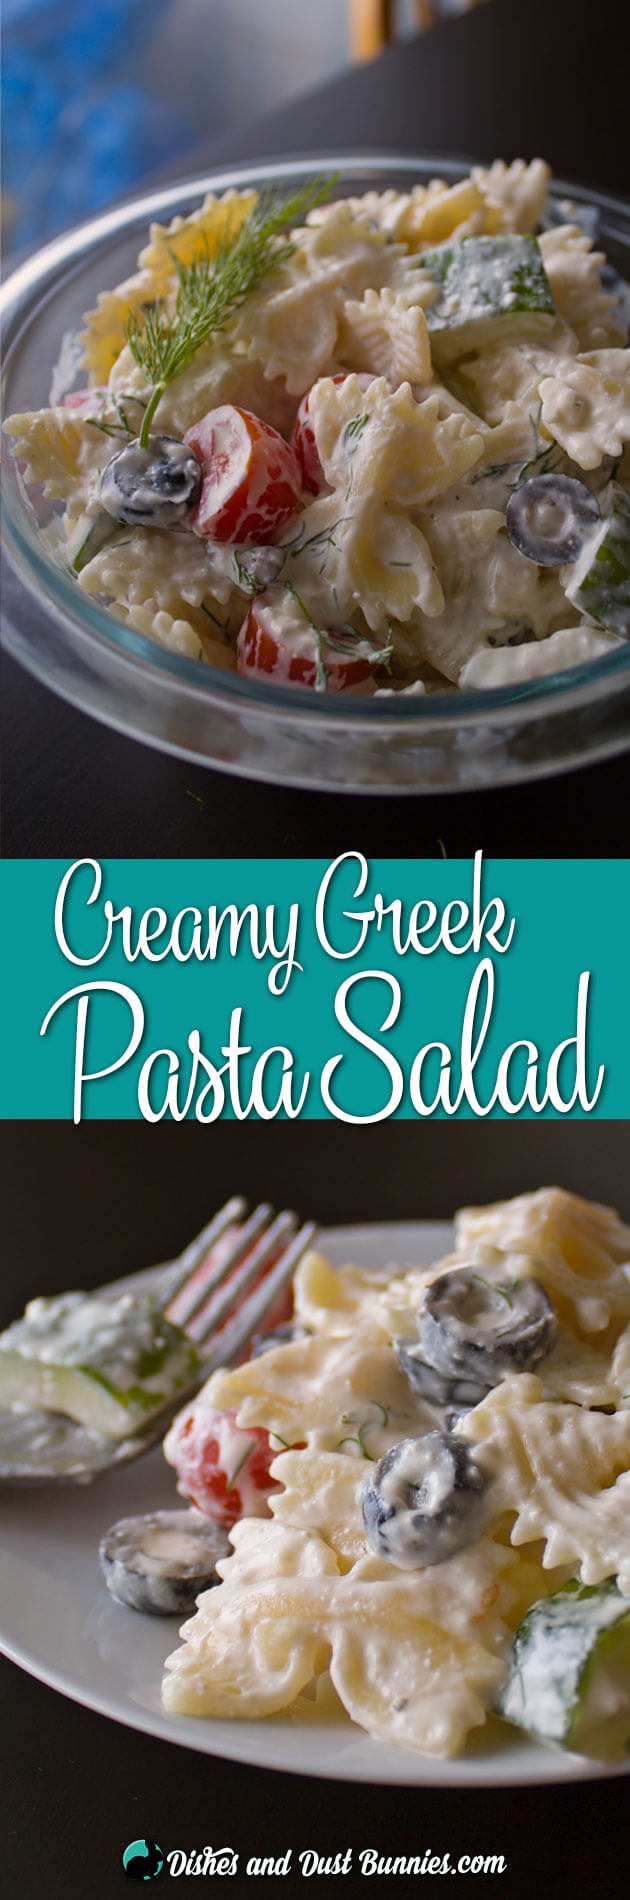 Creamy Greek Pasta Salad with Feta from dishesanddustbunnies.com